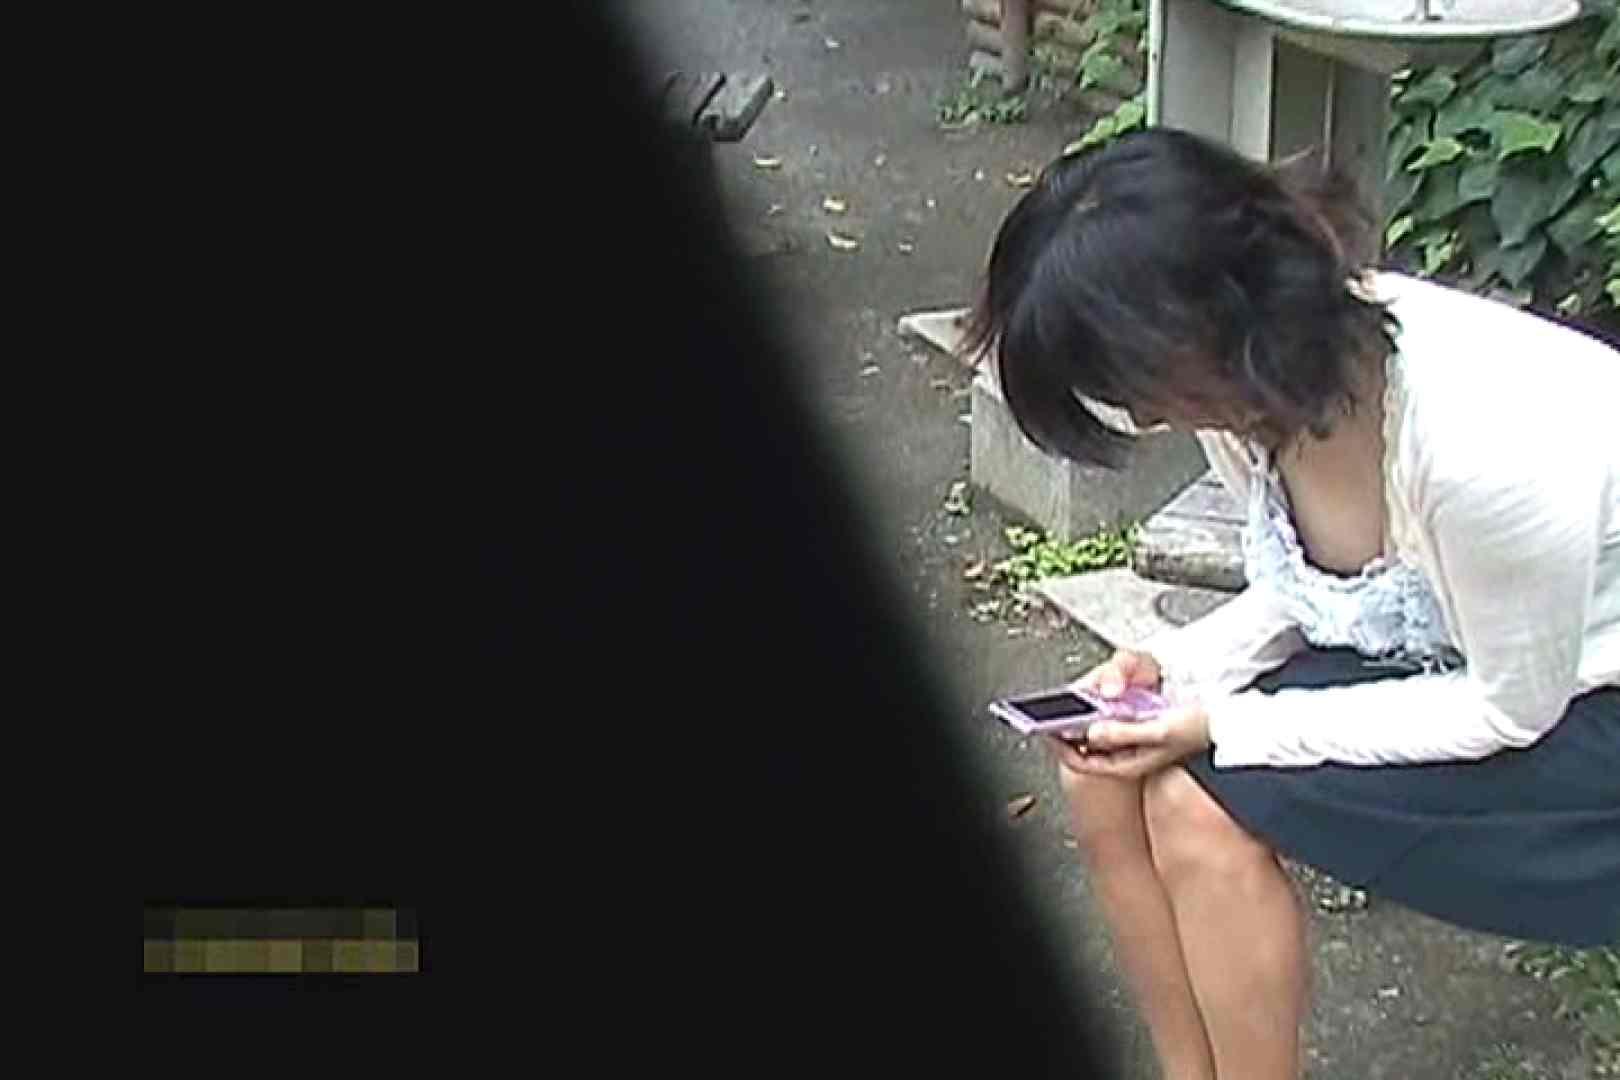 徘徊撮り!!街で出会った乳首たちVol.2 OLエロ画像 盗撮えろ無修正画像 61PICs 27